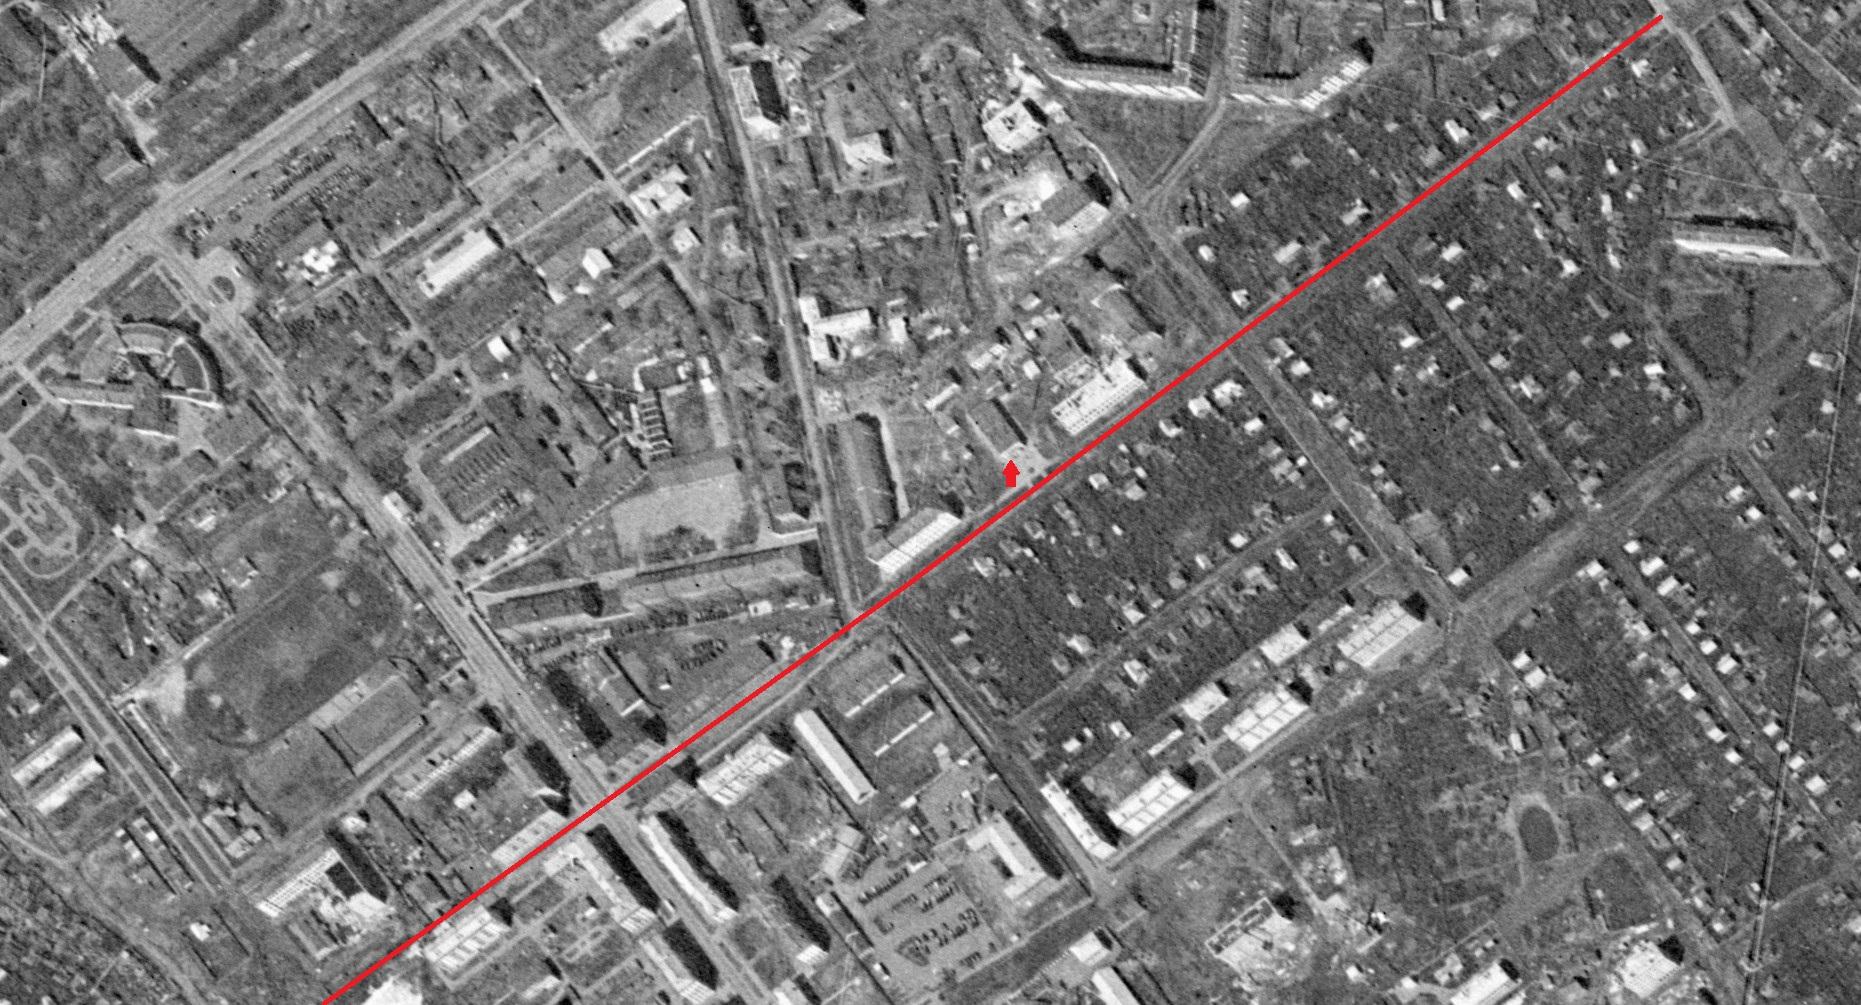 Улица Скляренко 1965 год